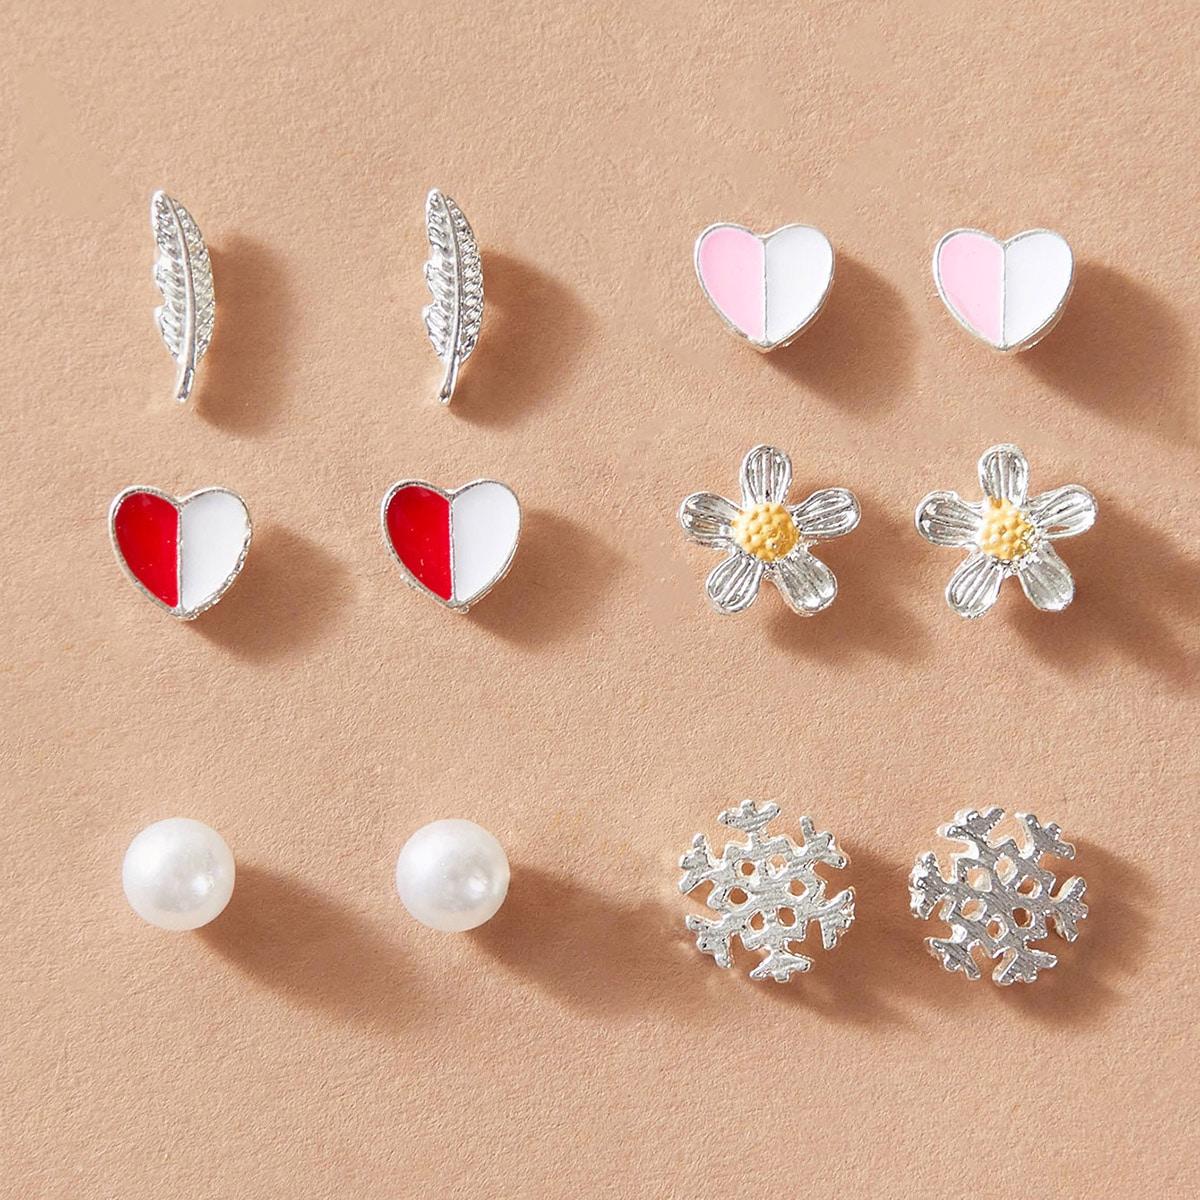 6pairs Girls Heart & Snowflake Shaped Stud Earrings